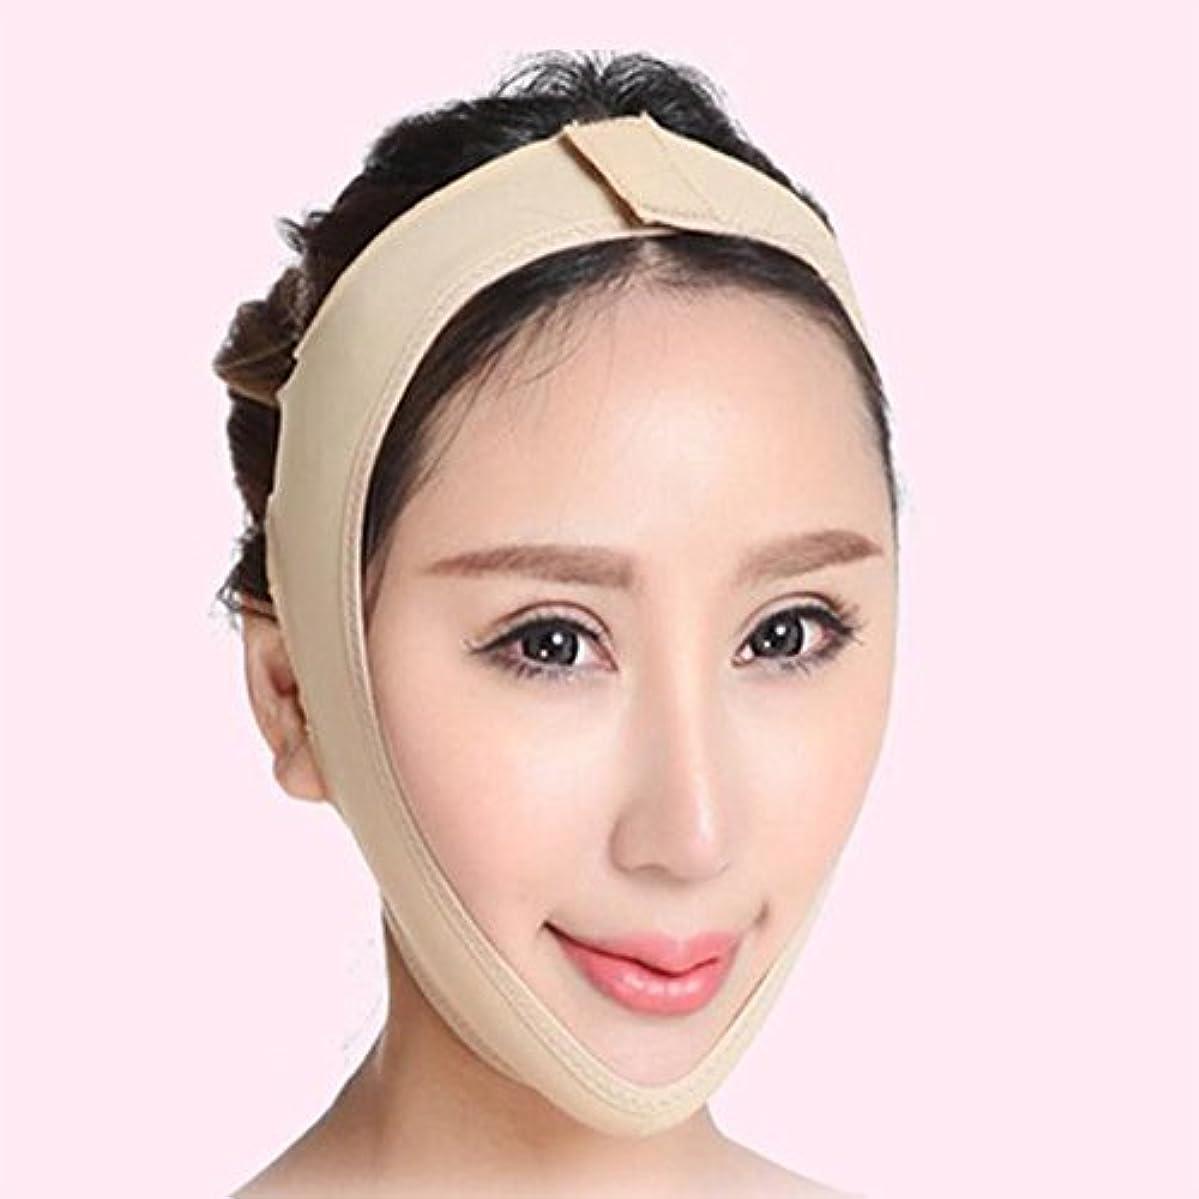 SD 小顔 小顔マスク リフトアップ マスク フェイスライン 矯正 あご シャープ メンズ レディース Mサイズ AZD15003-M